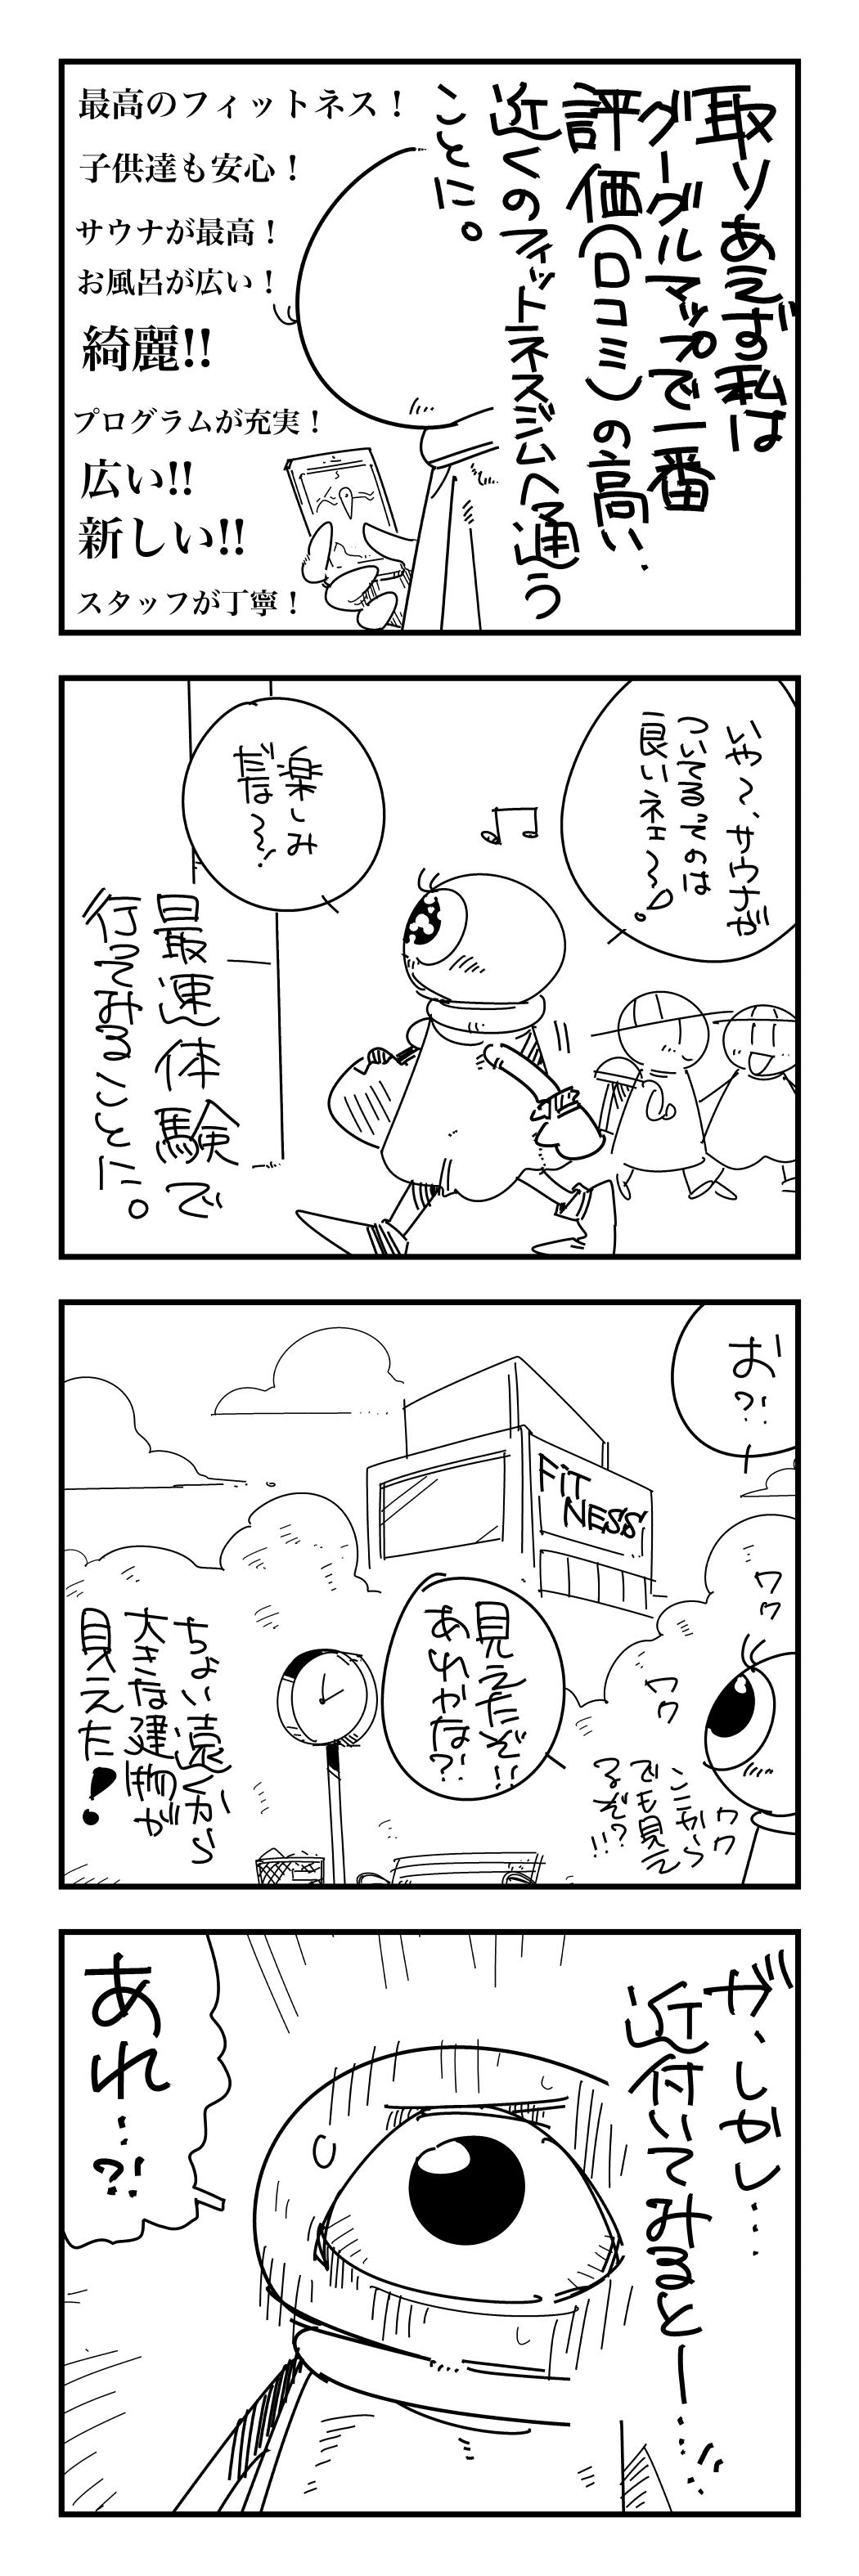 f:id:terashimaru117:20200913121747j:plain